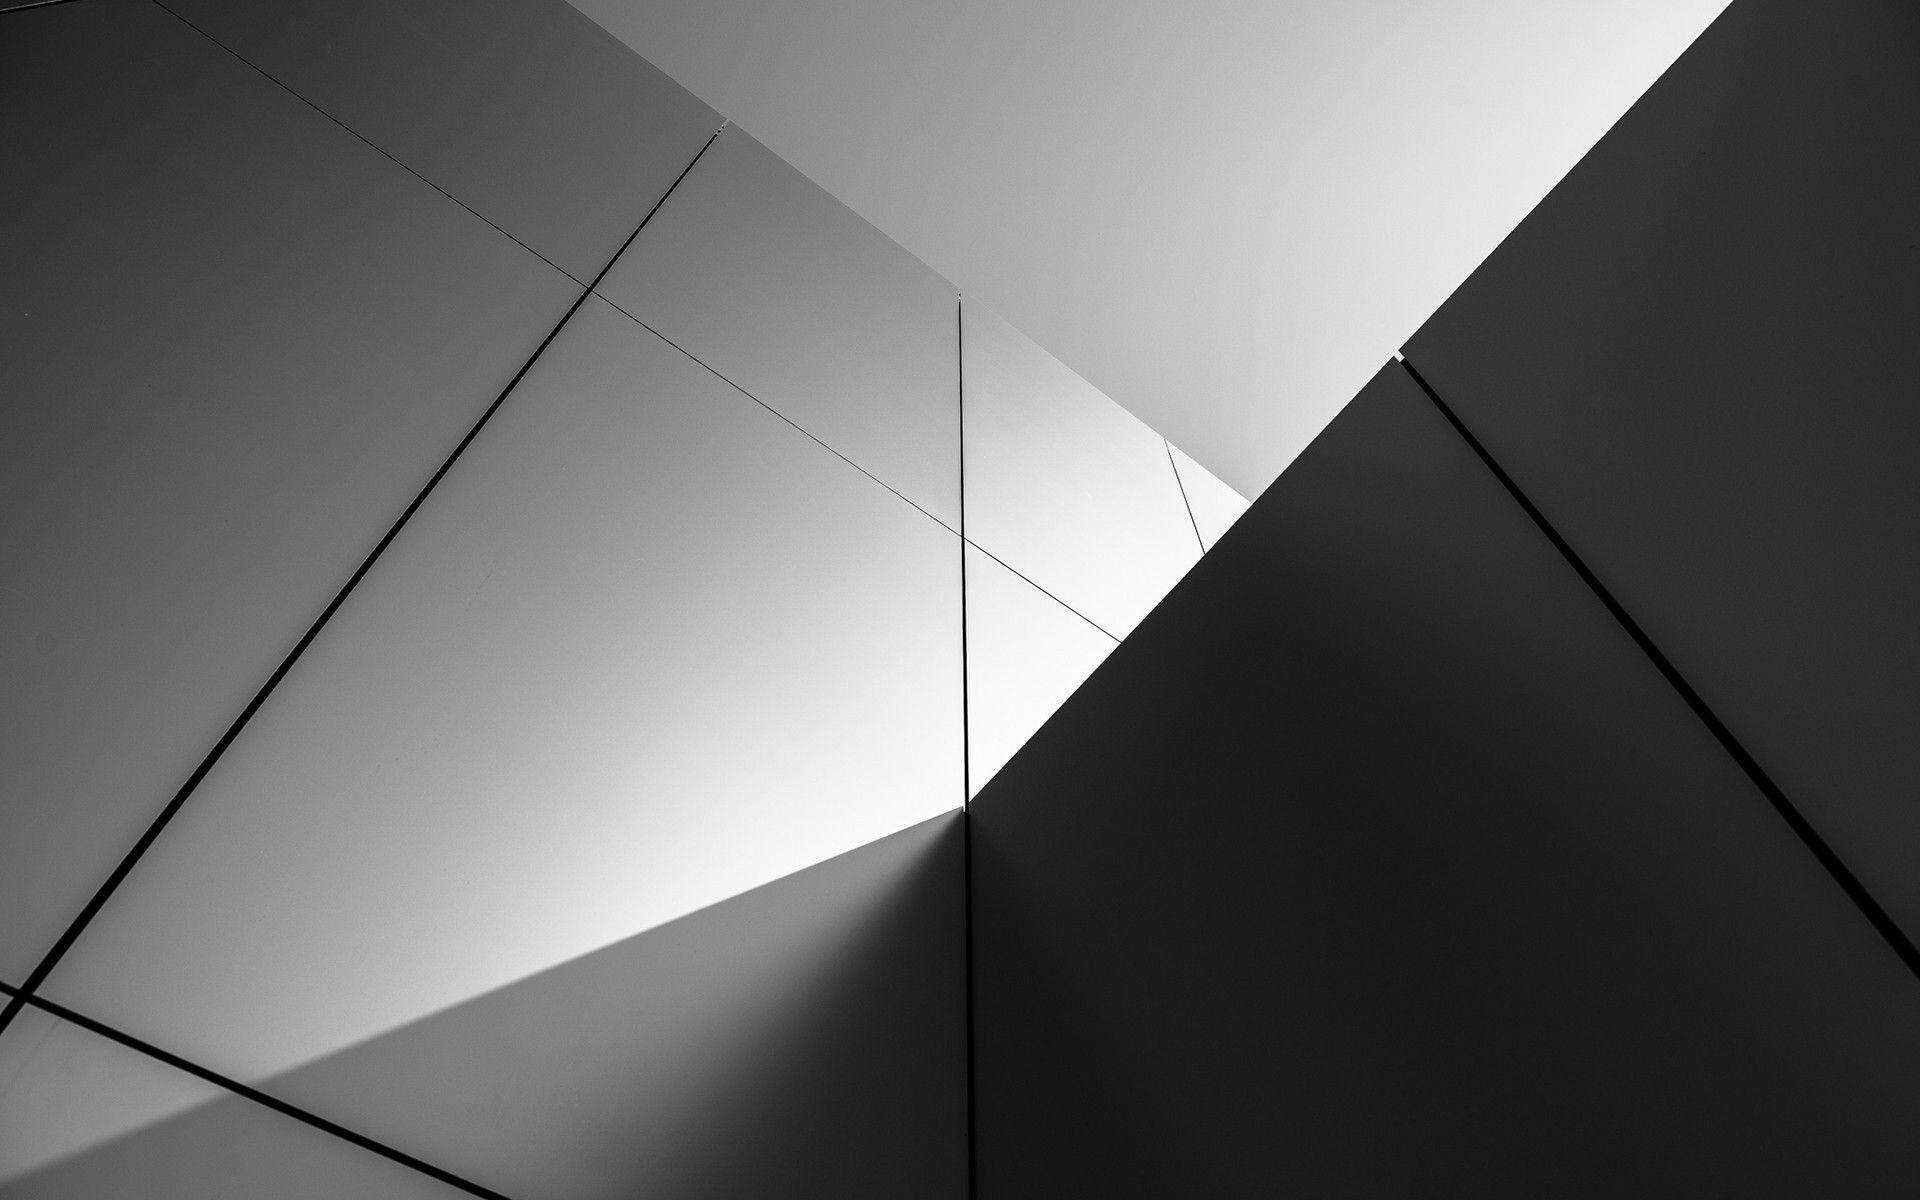 … black white wallpaper probrains org …